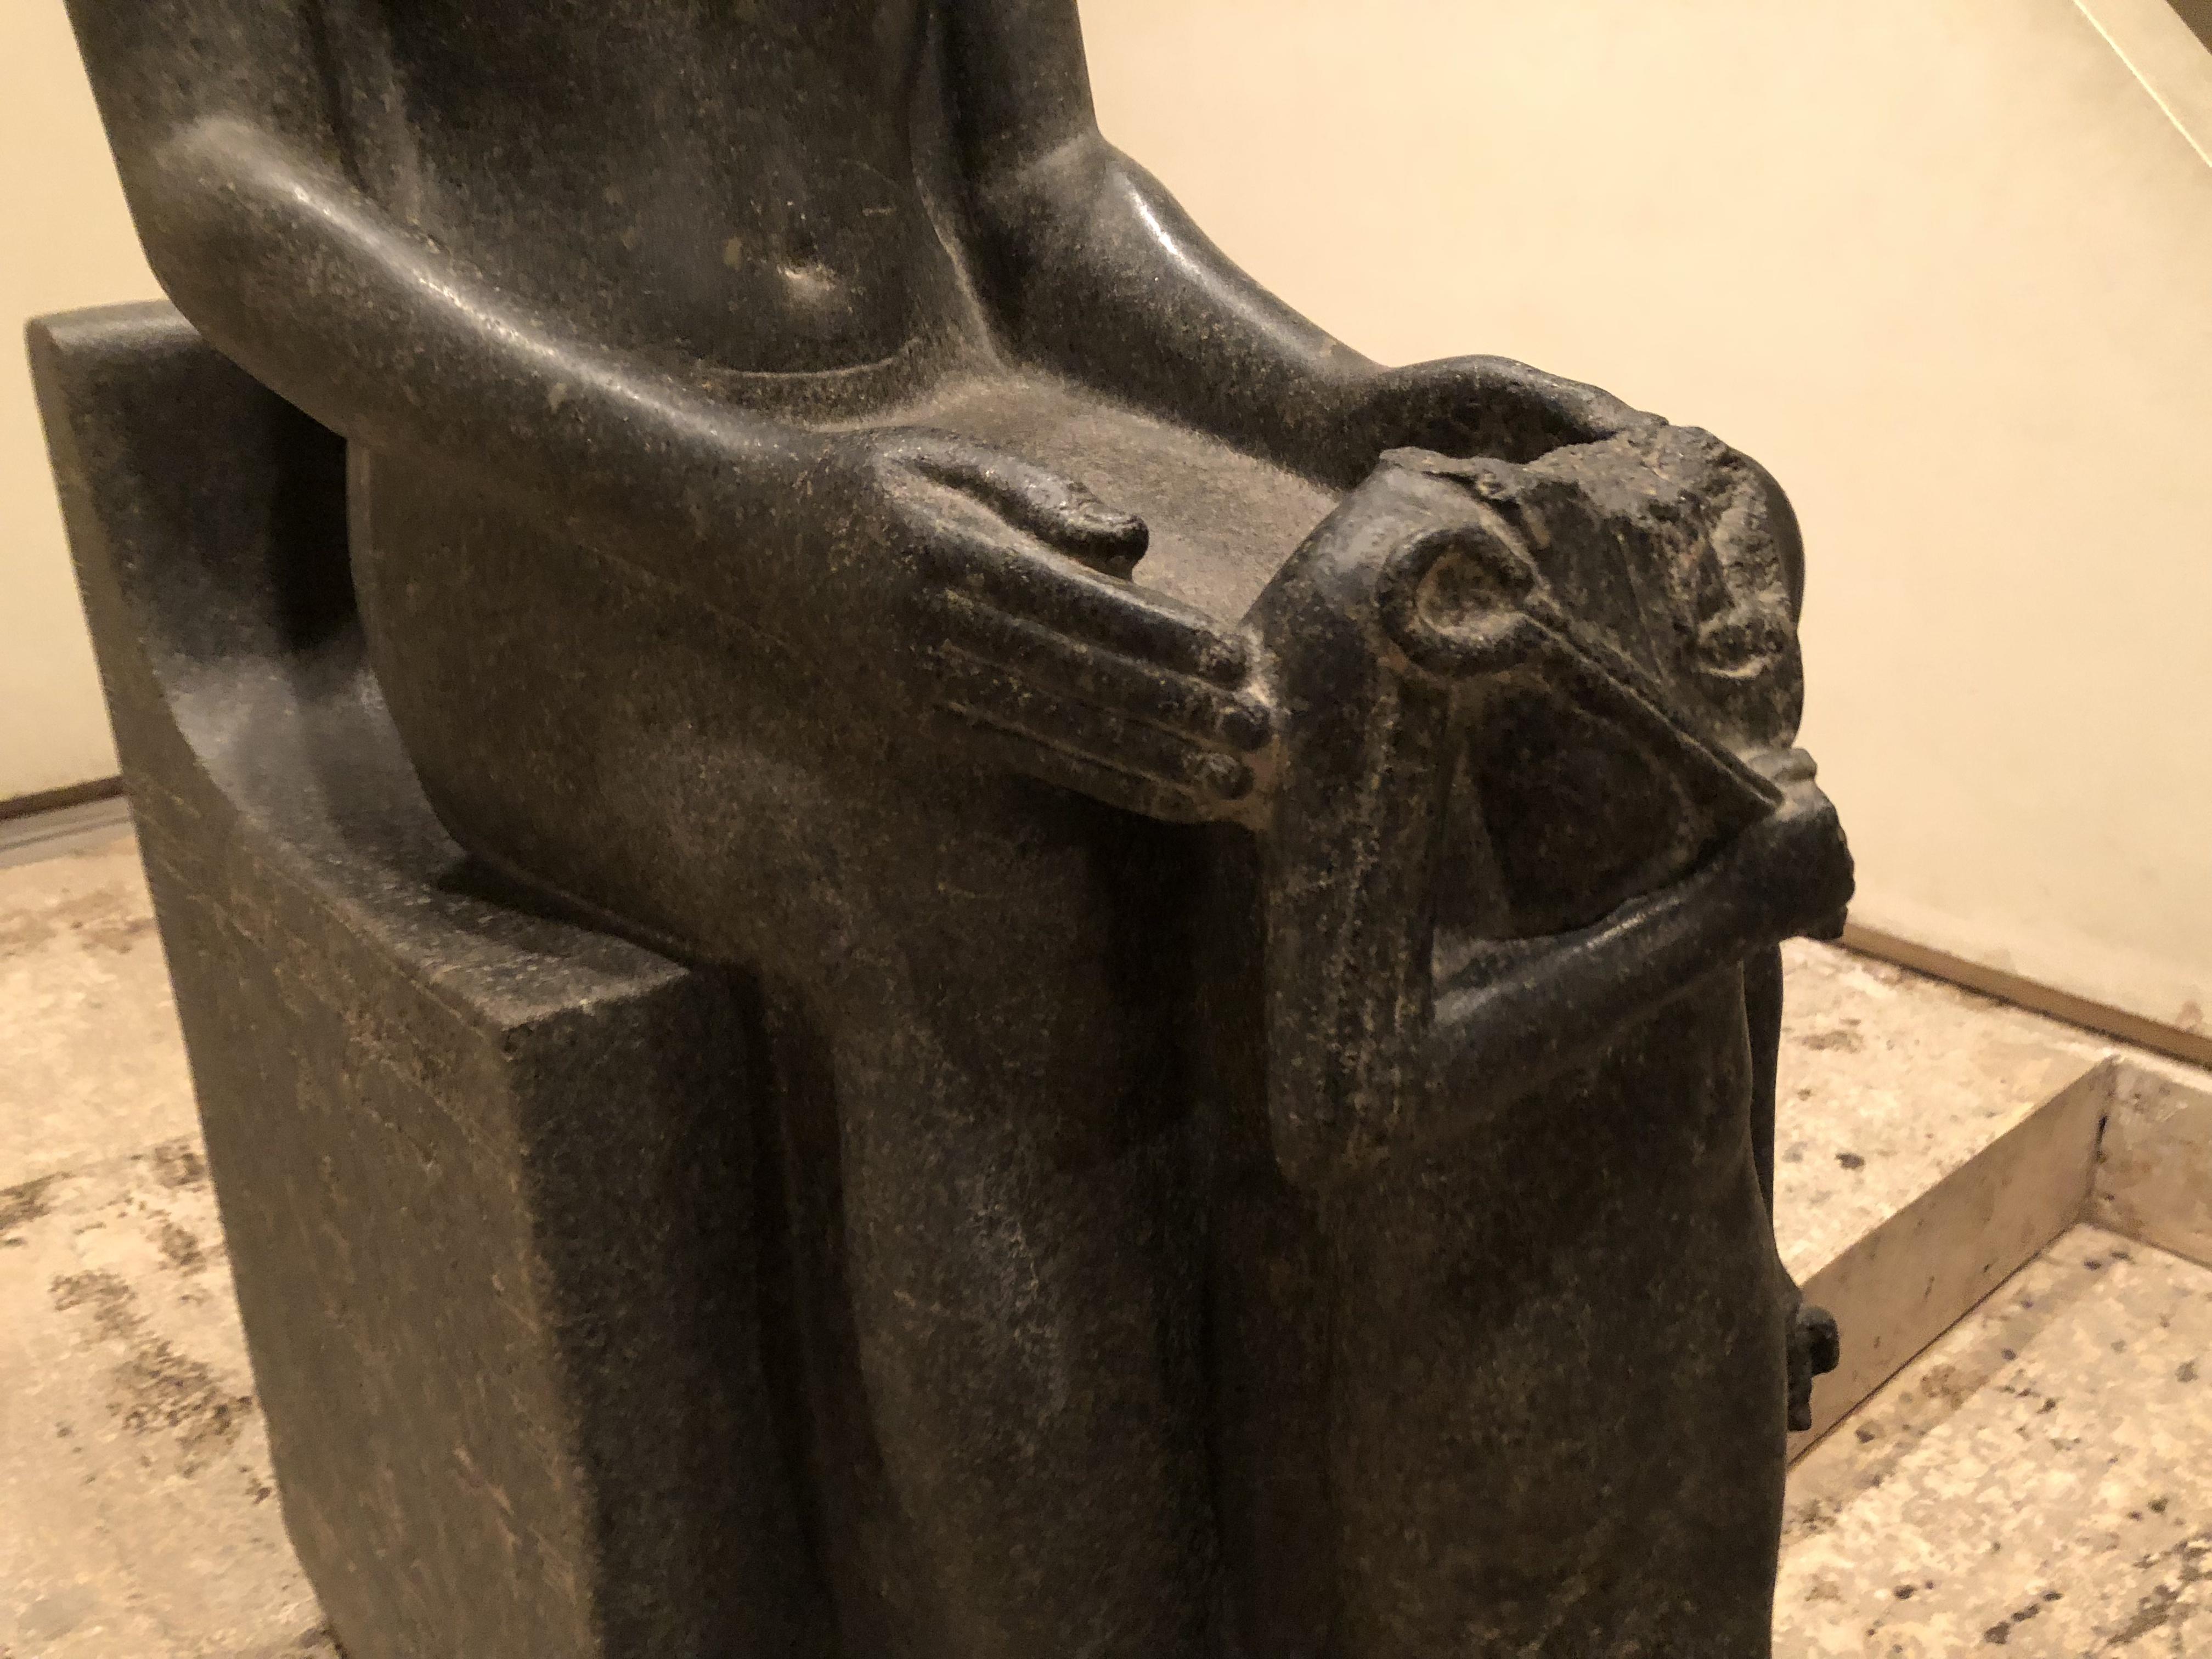 Horemheb before Amun 2